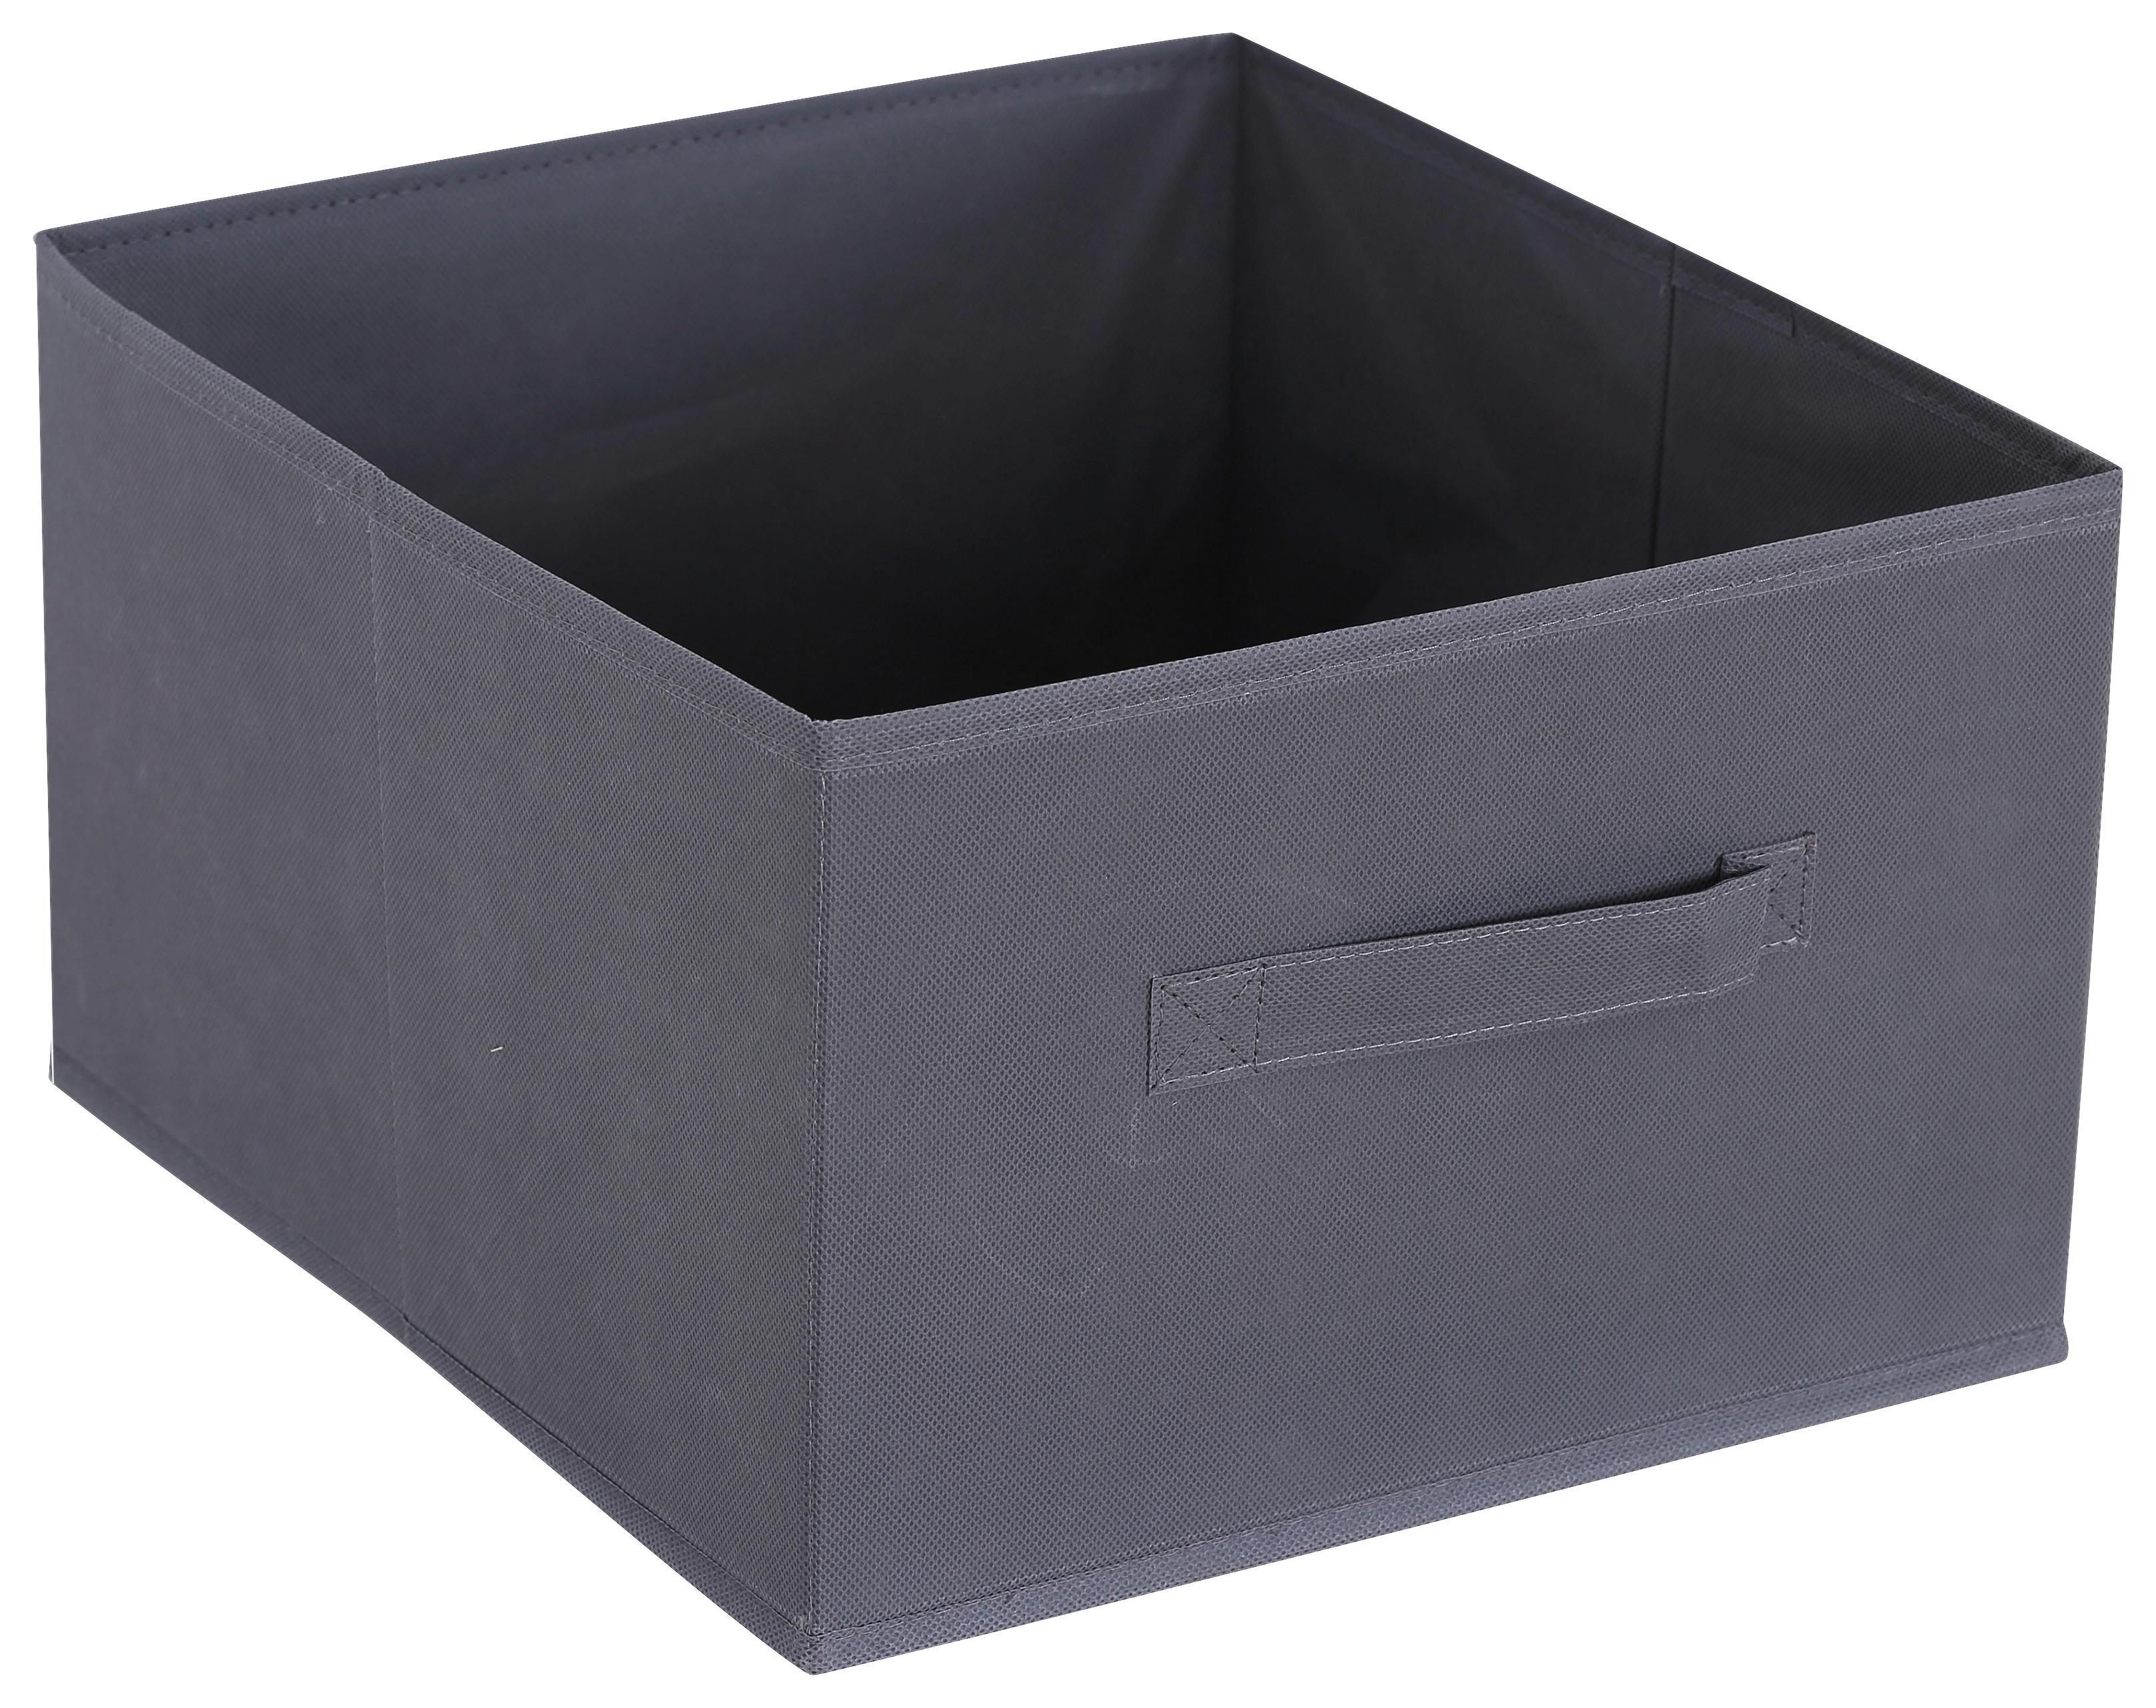 Image of Aufbewahrungsbox Kläck in Grau